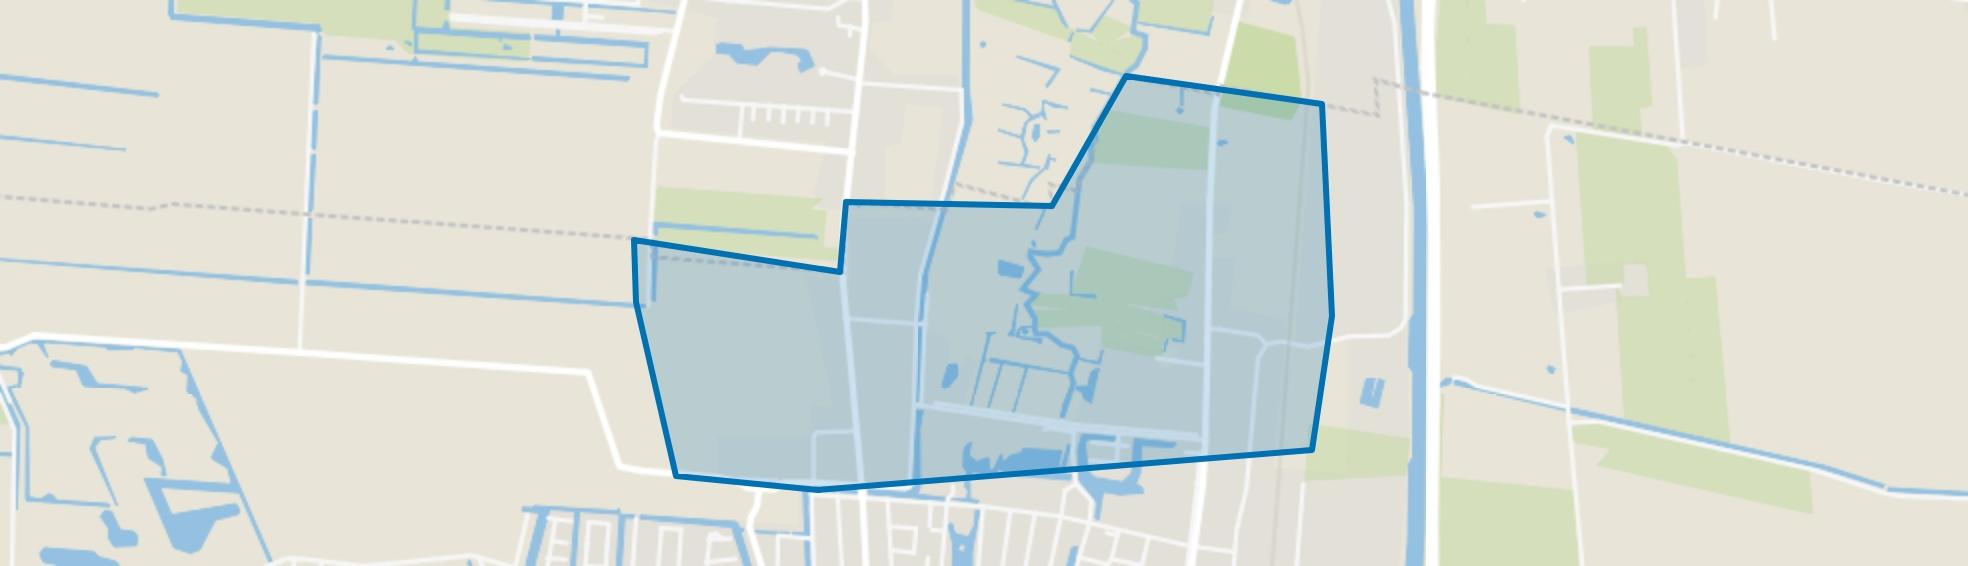 Veendam-Middenweg en omgeving, Veendam map